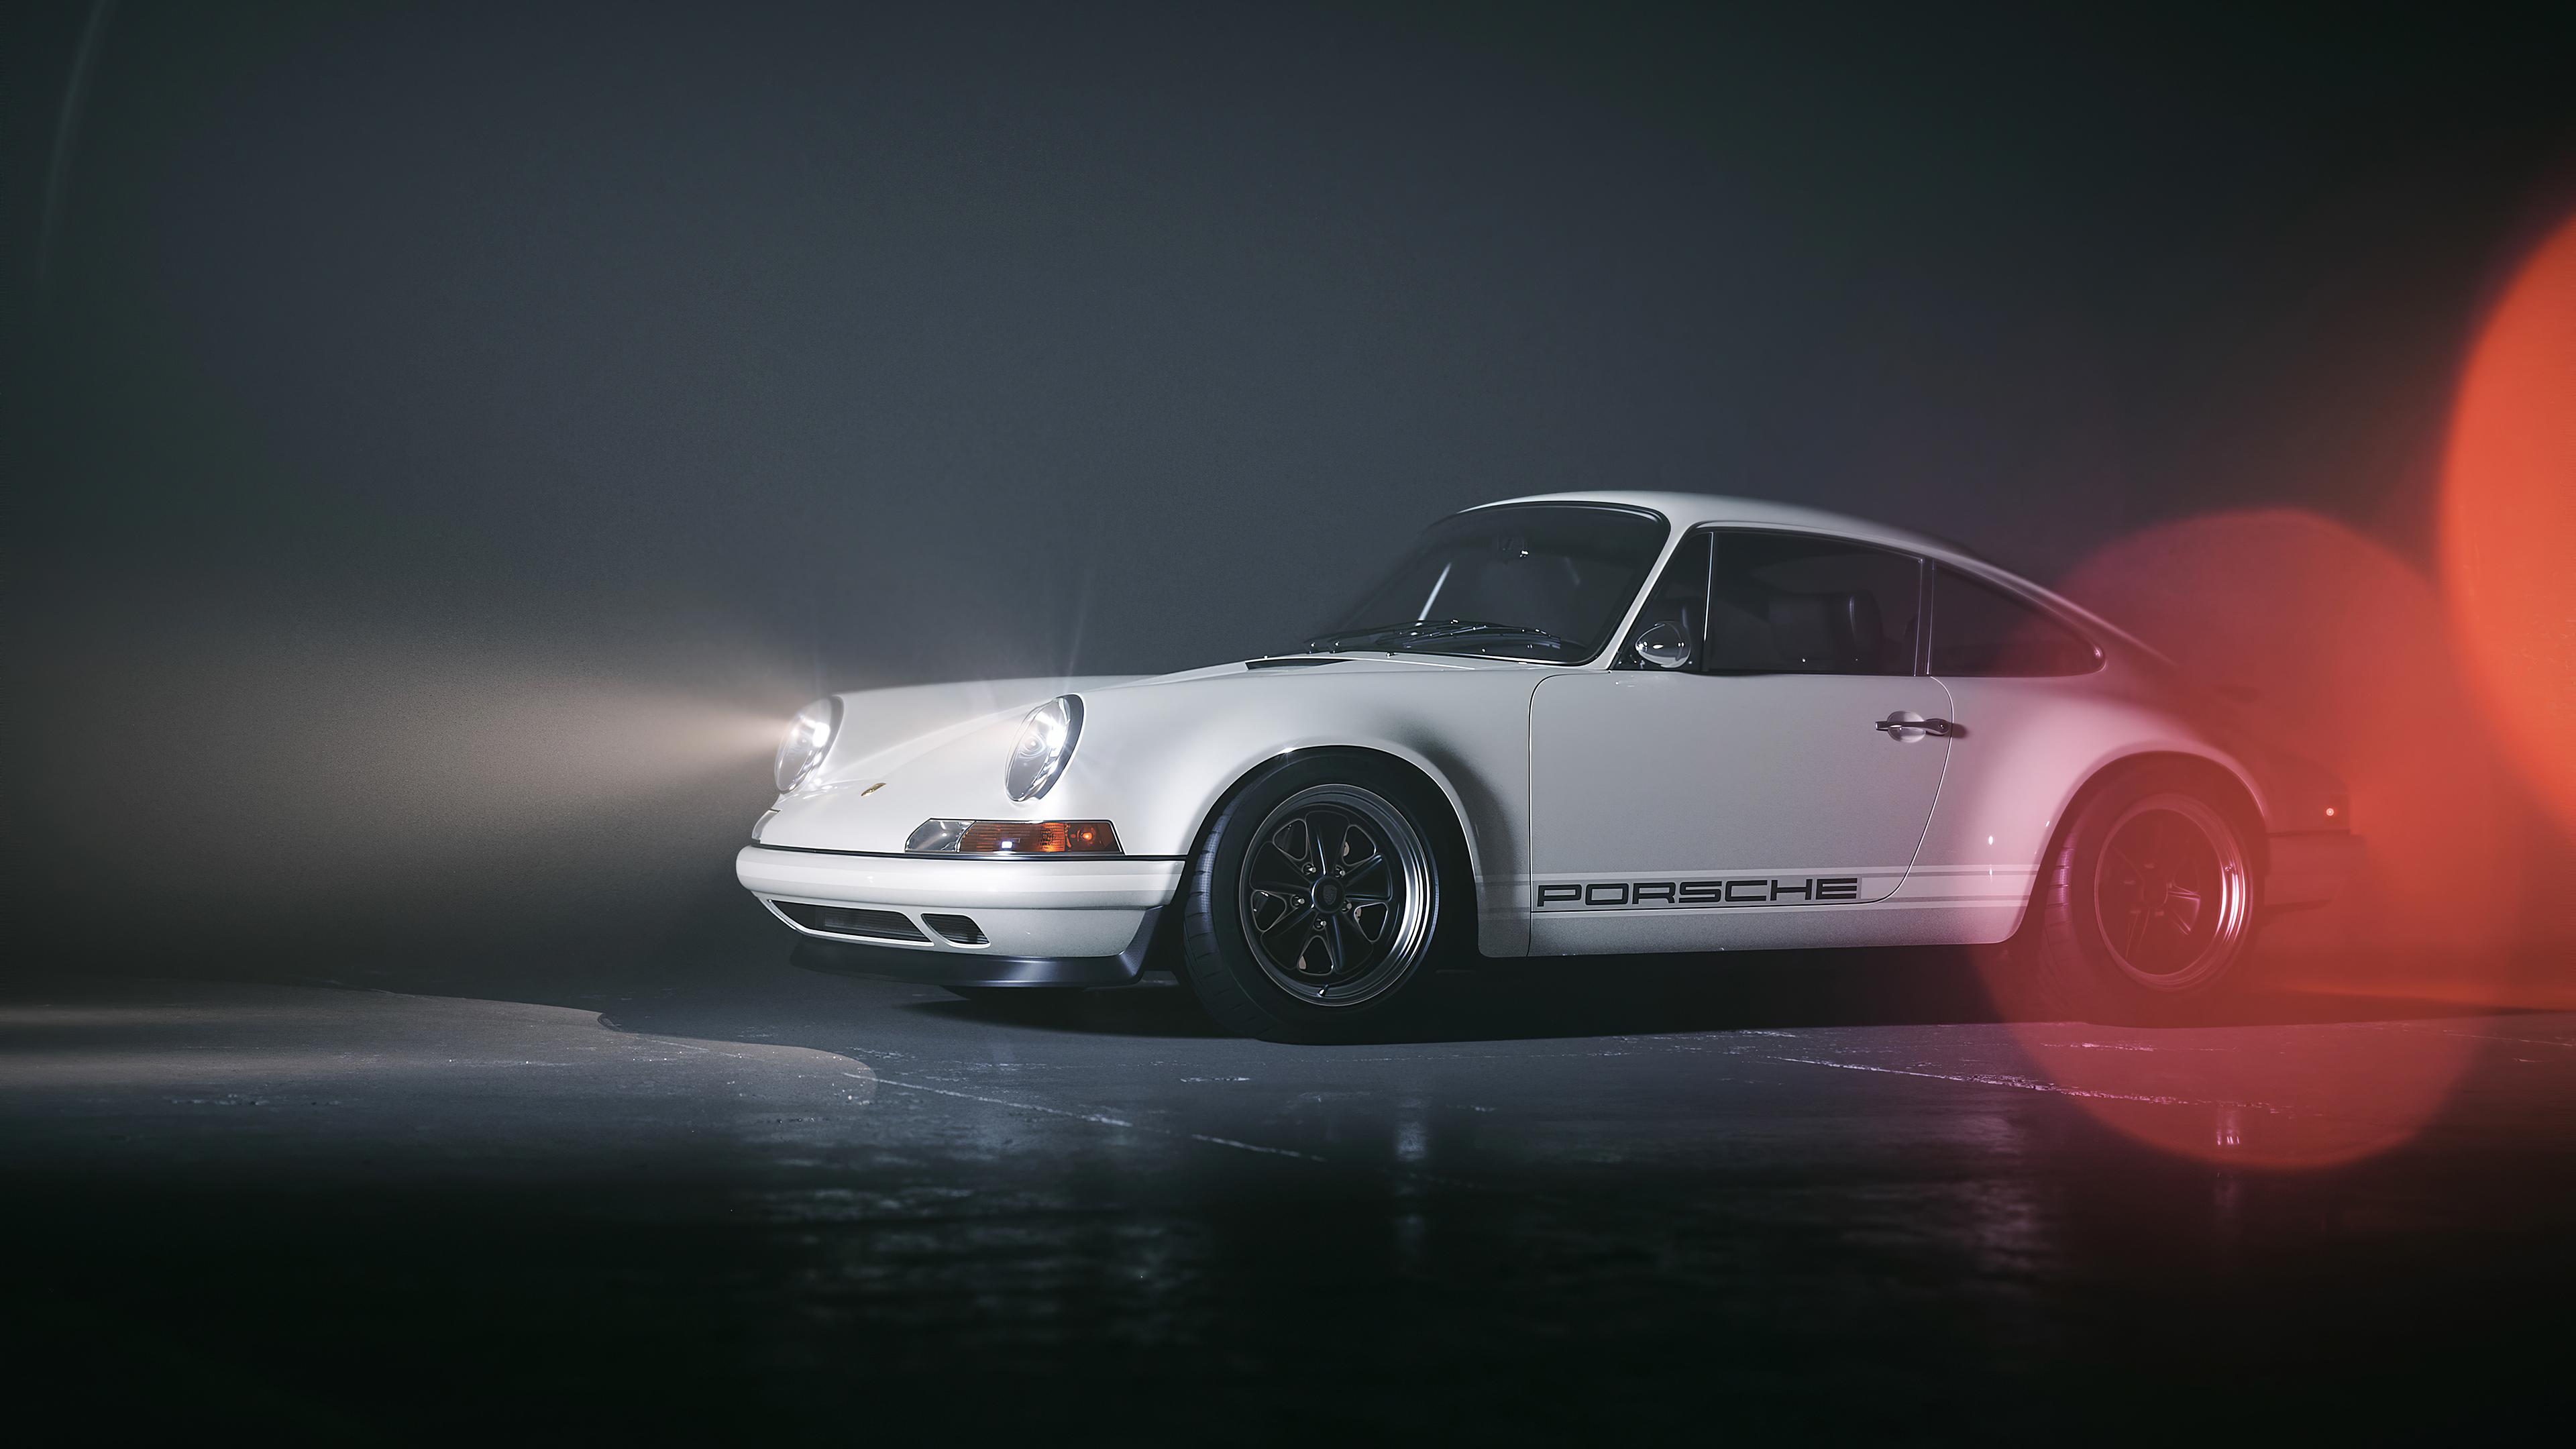 white porsche 1572660907 - White Porsche - porsche wallpapers, hd-wallpapers, cars wallpapers, behance wallpapers, 4k-wallpapers